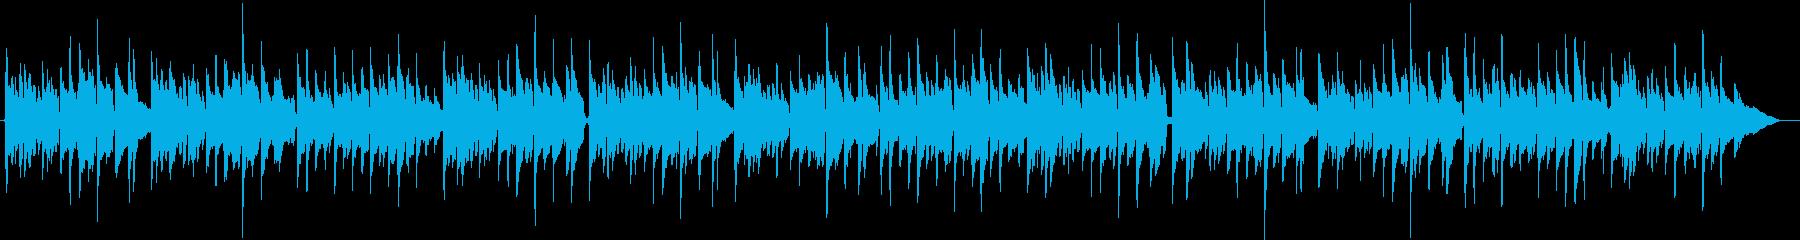 ベートーヴェン第9 アコギ独奏 喜びの歌の再生済みの波形